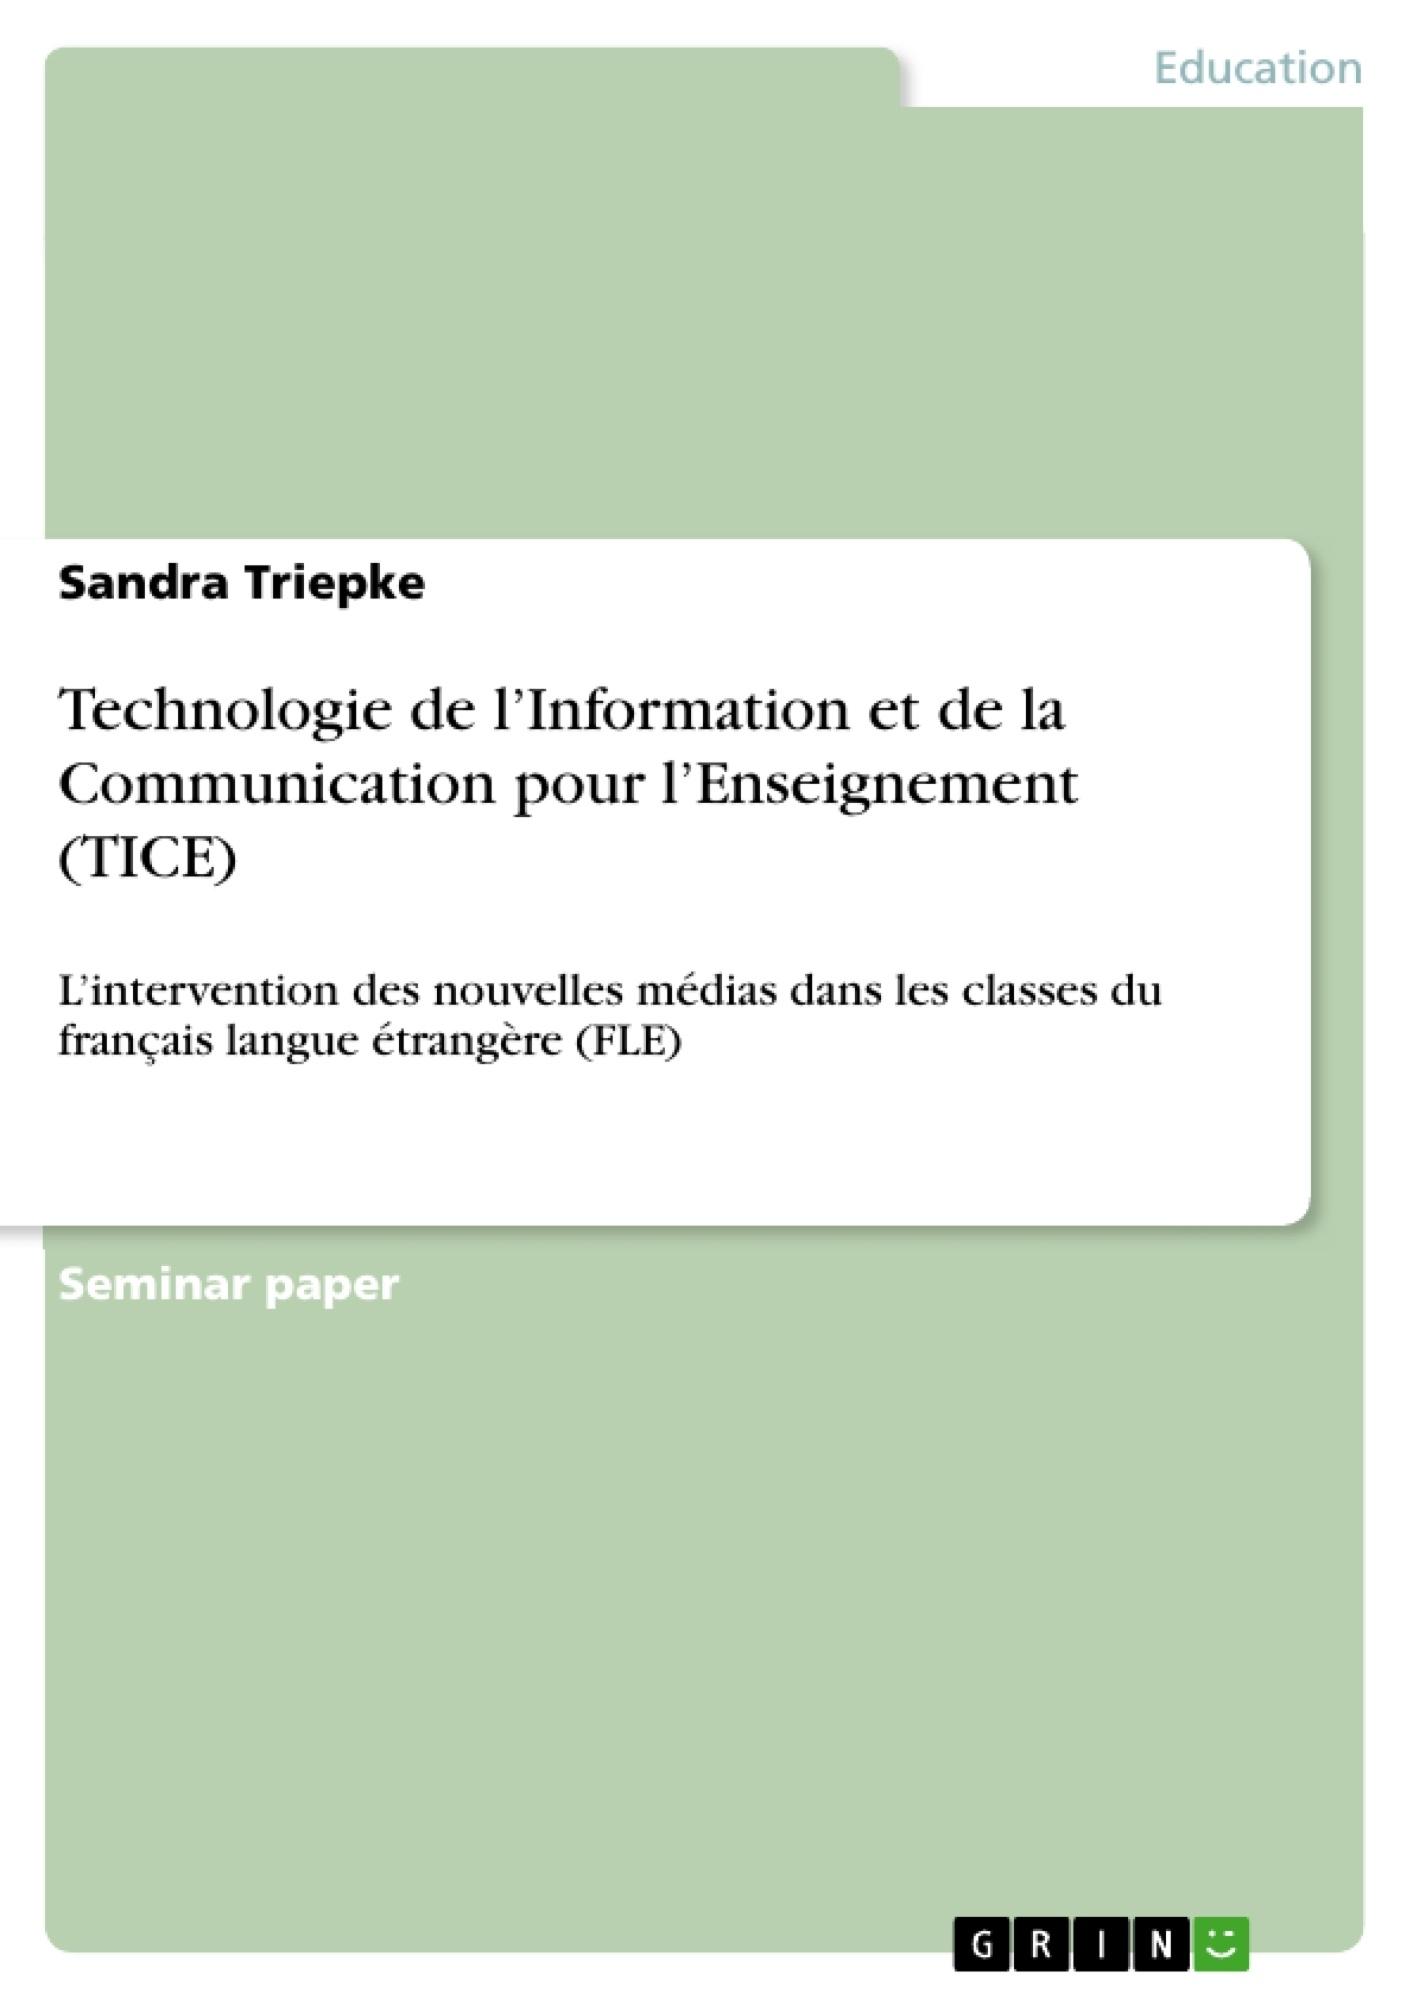 Titre: Technologie de l'Information et de la Communication pour l'Enseignement  (TICE)